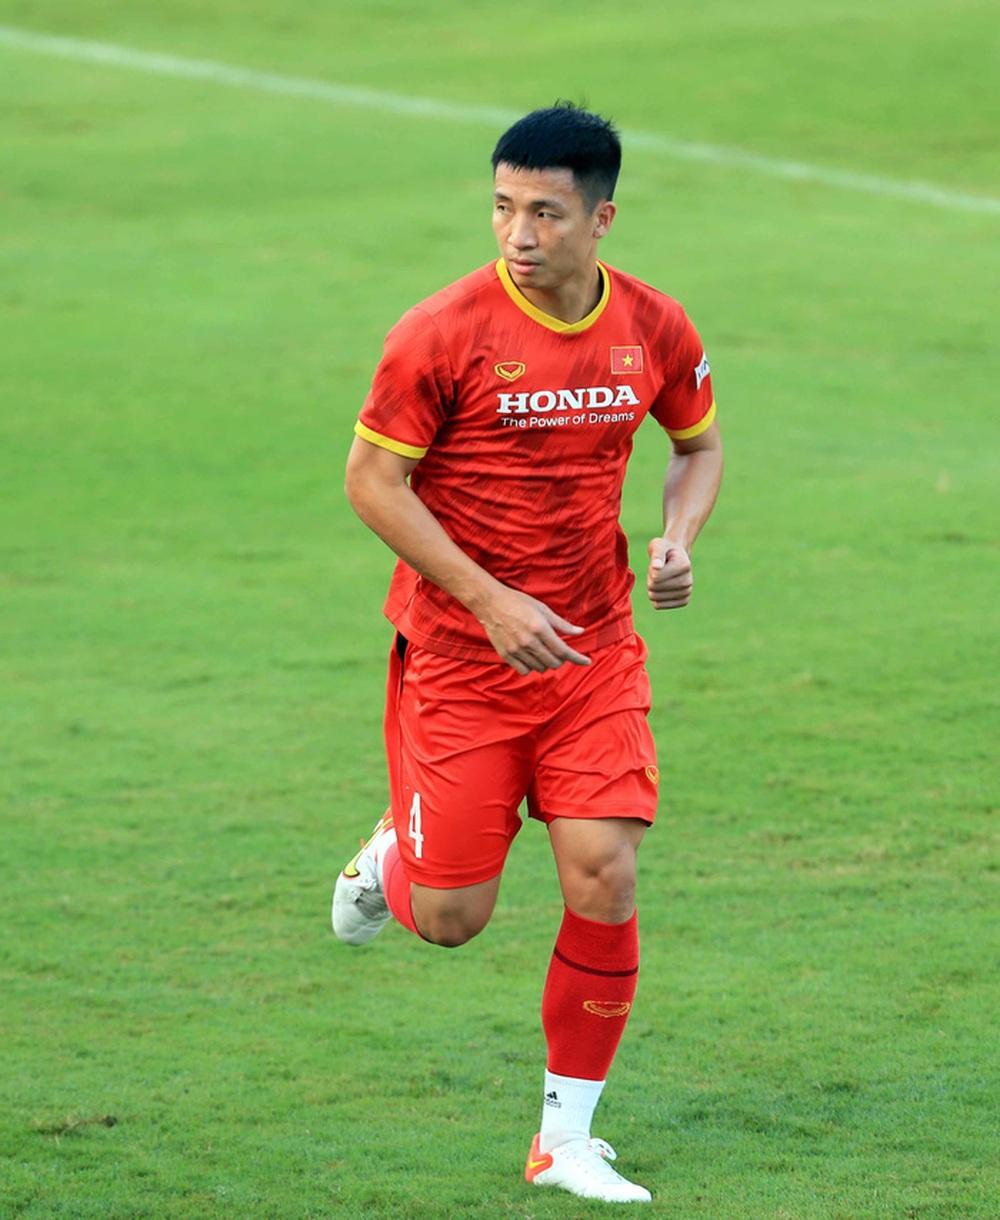 """Bùi Tiến Dũng: """"ĐT Việt Nam xác định giành điểm tối đa ở 2 trận gặp Trung Quốc và Oman"""" - Ảnh 1."""